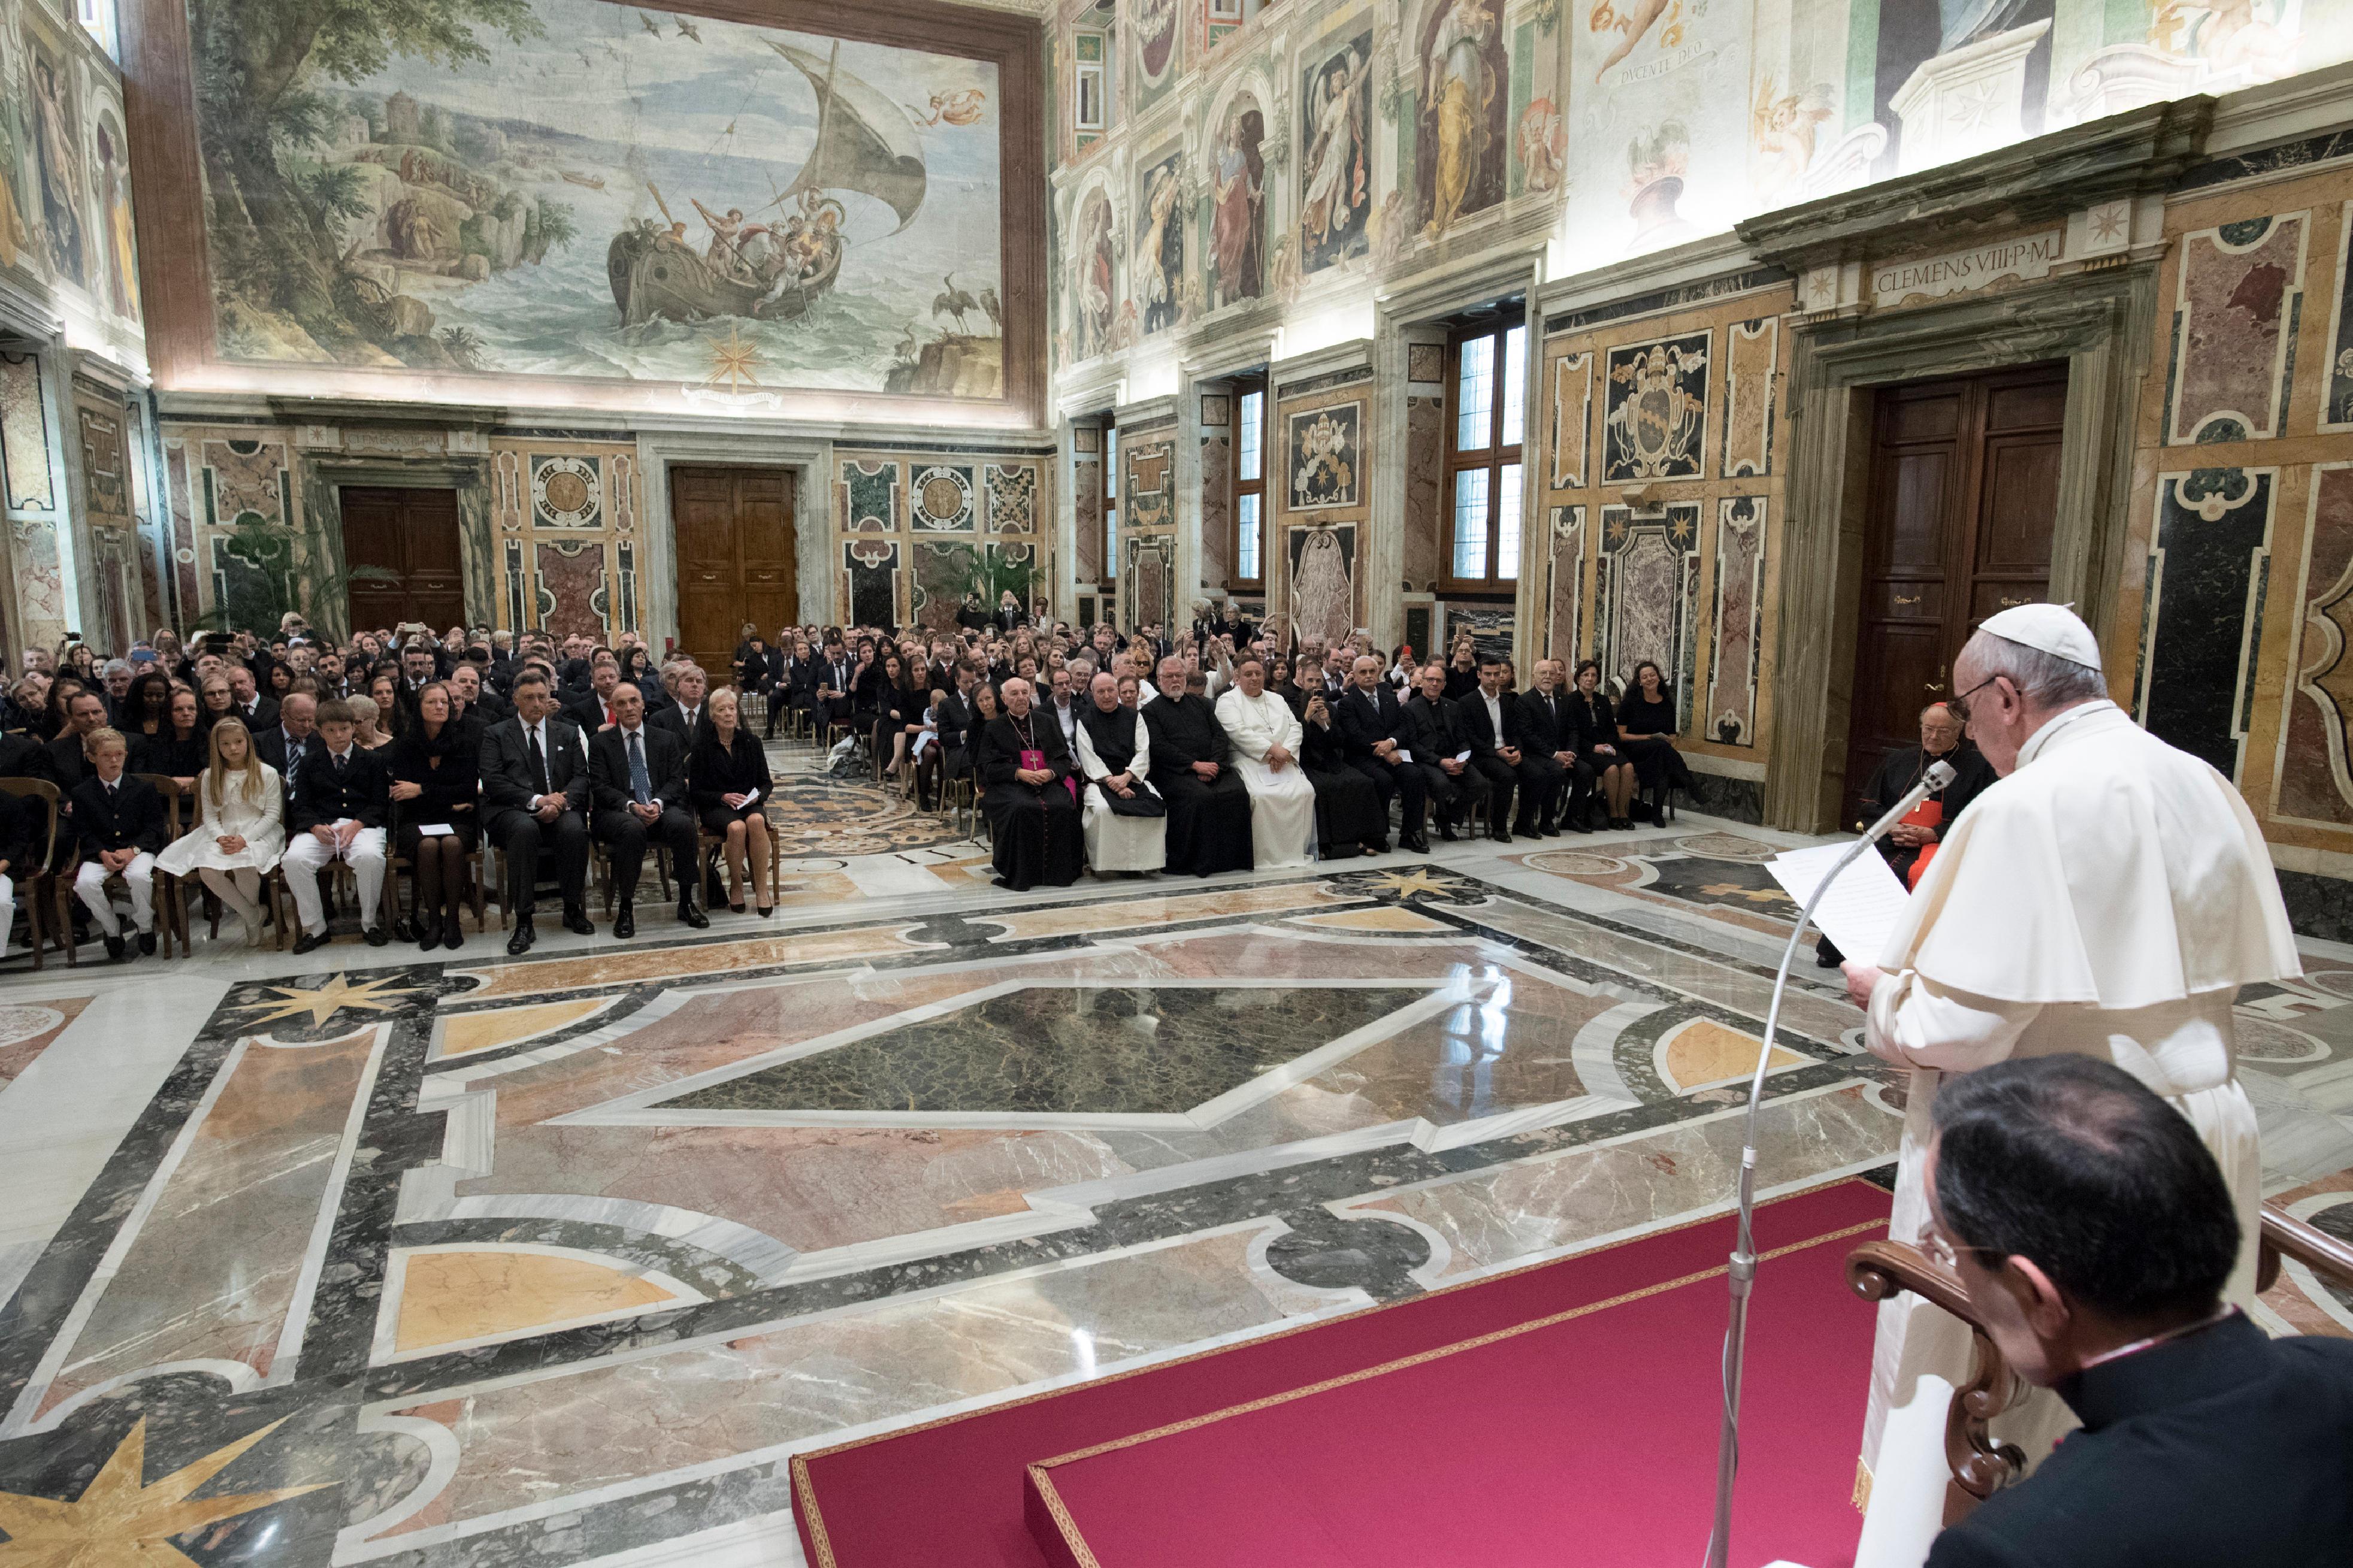 Ligue de Prière du Bienheureux Empereur Charles pour la Paix © L'Osservatore Romano